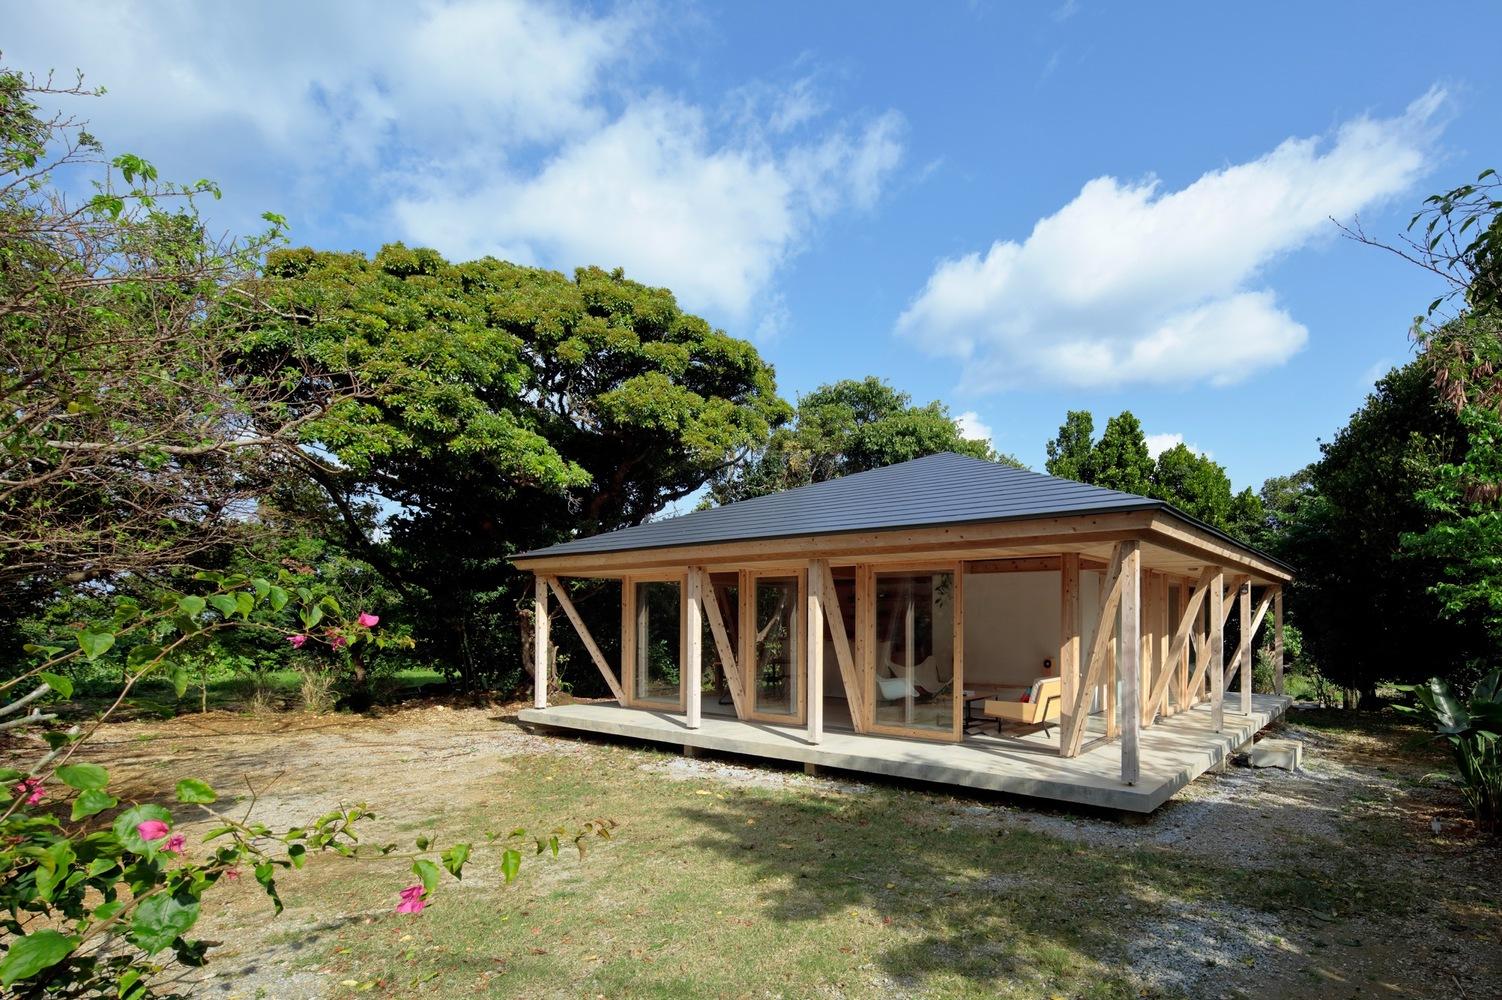 budowa domu bez pozwolenia na budowę_1